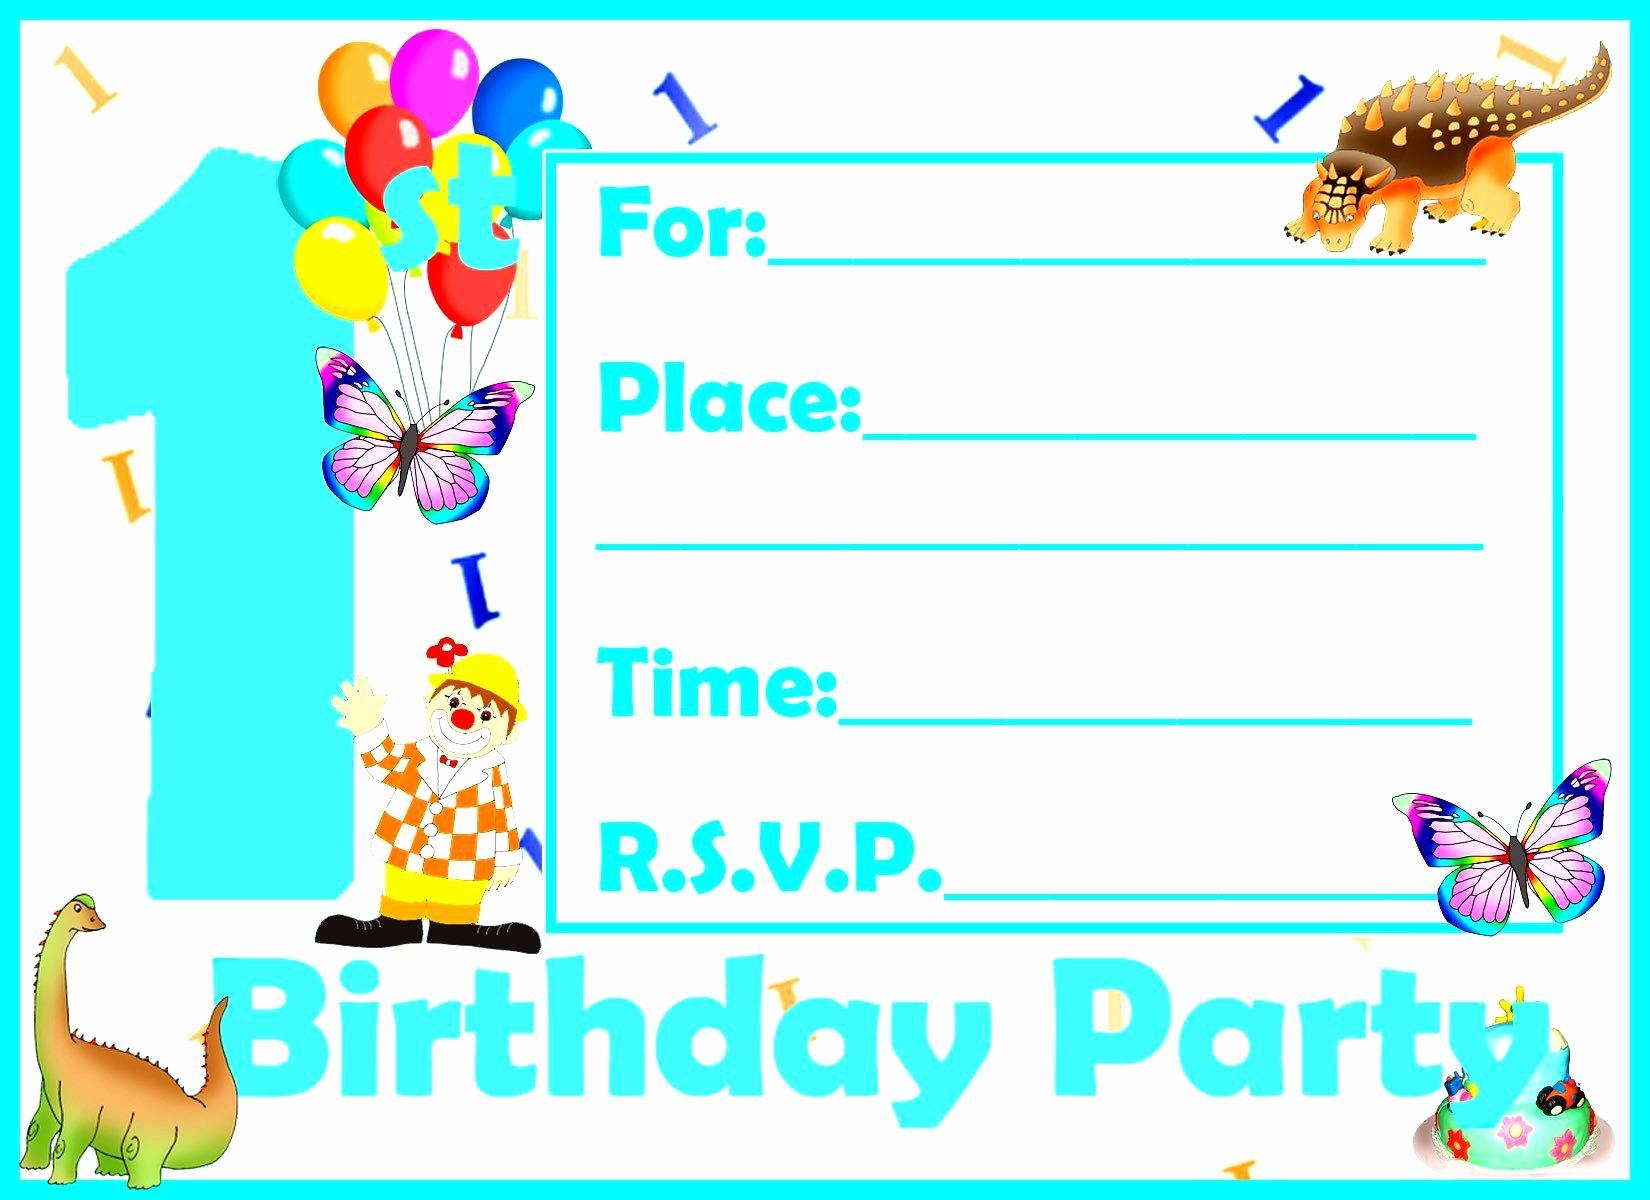 Birthday Party Invitation Card Template Unique Birthday Invitation Birthday Invitation Card Template